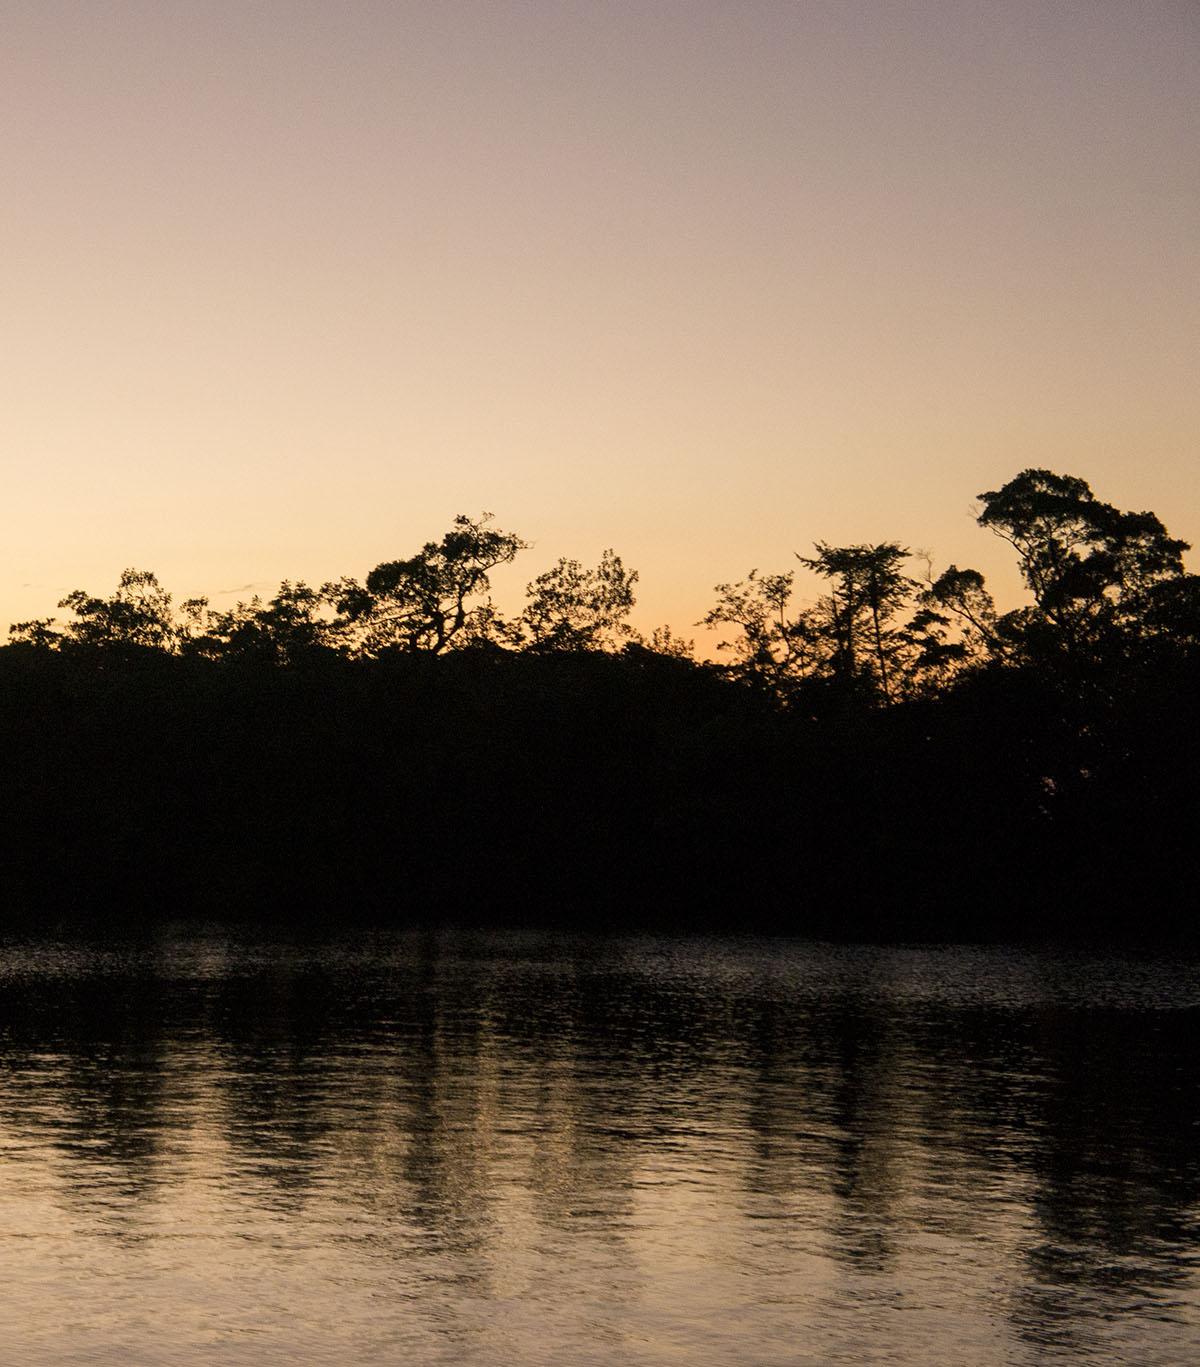 sunset in Texan Bay